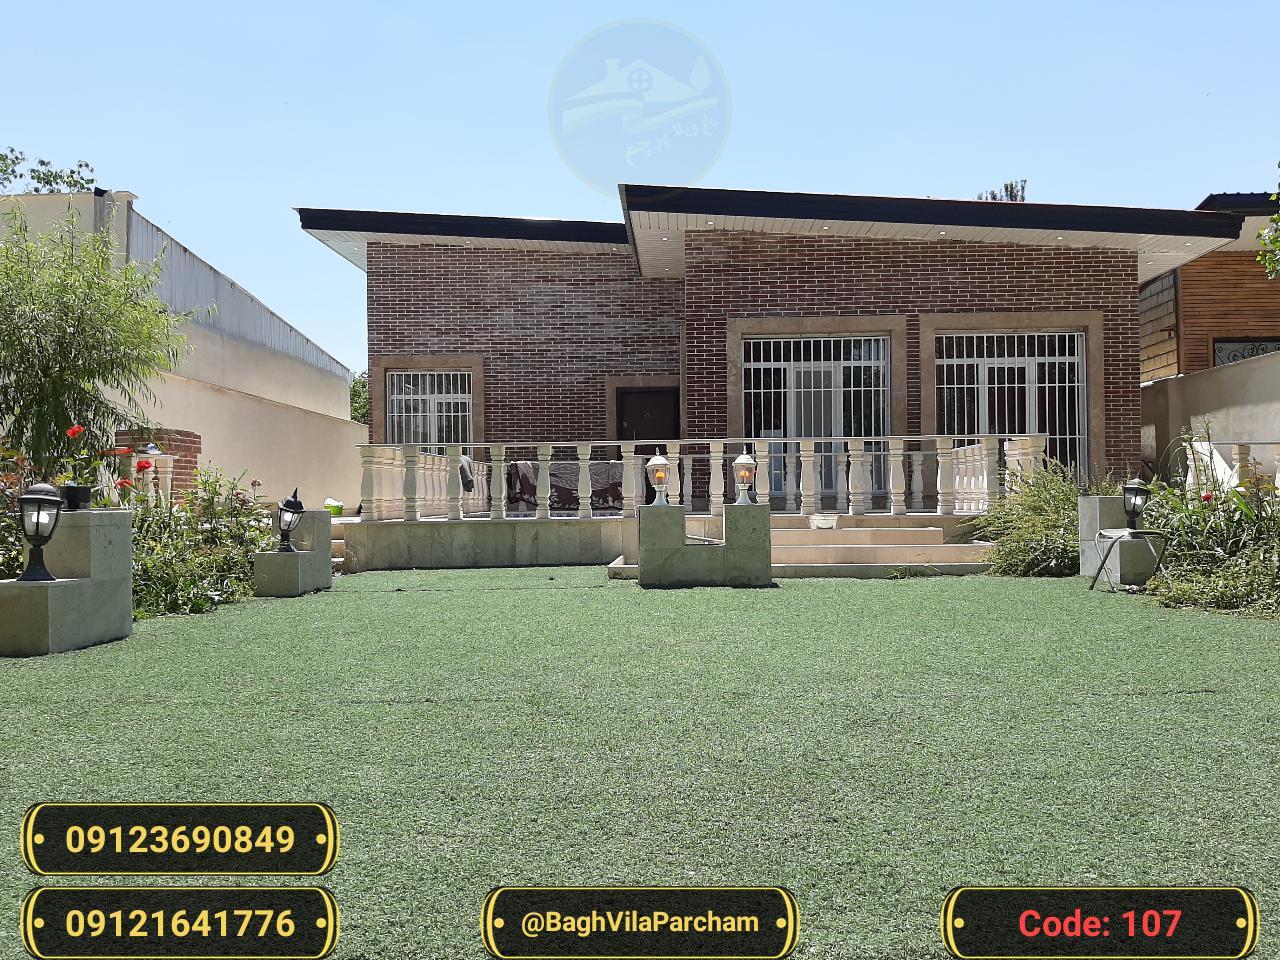 تصویر عکس باغ ویلا شماره 8 از ویلای ۵۰۰ متر ویلا Picture photo image 8 of ۵۰۰ متر ویلا